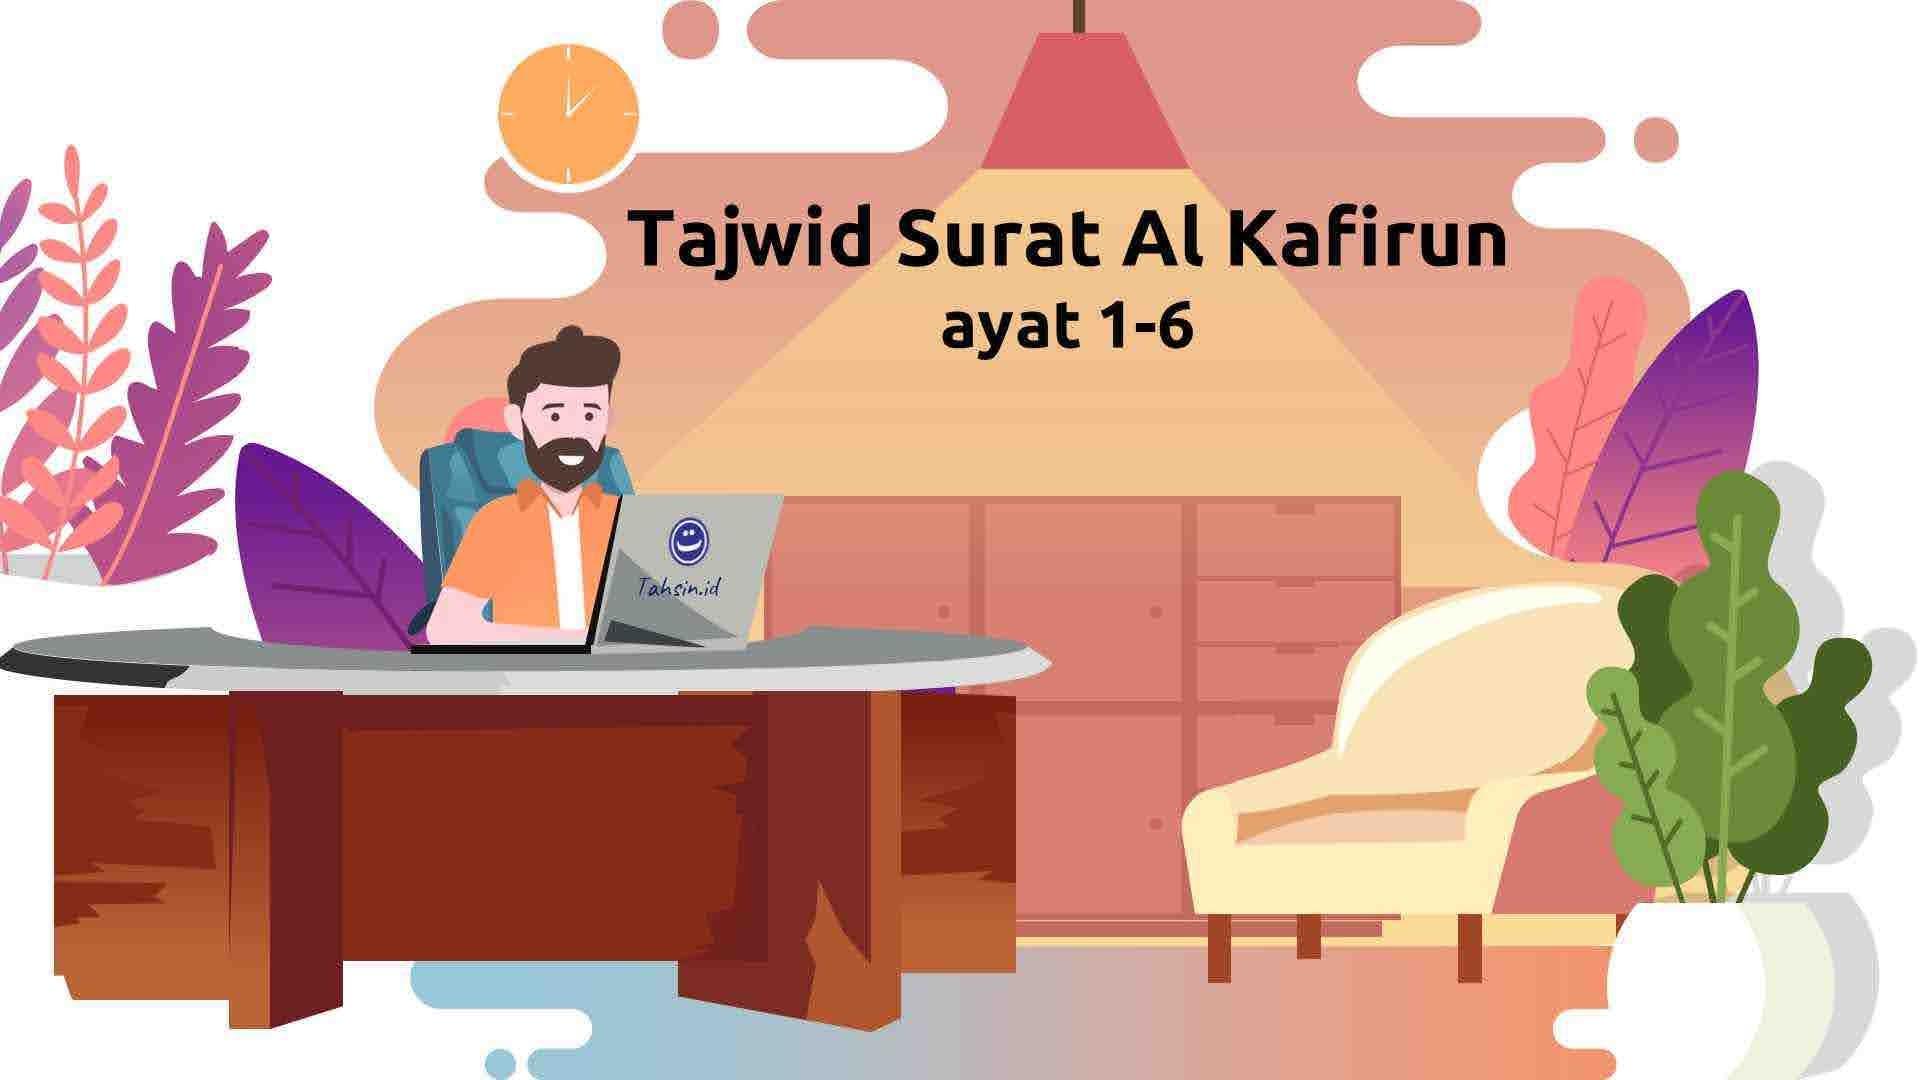 tajwid-surat-al-kafirun